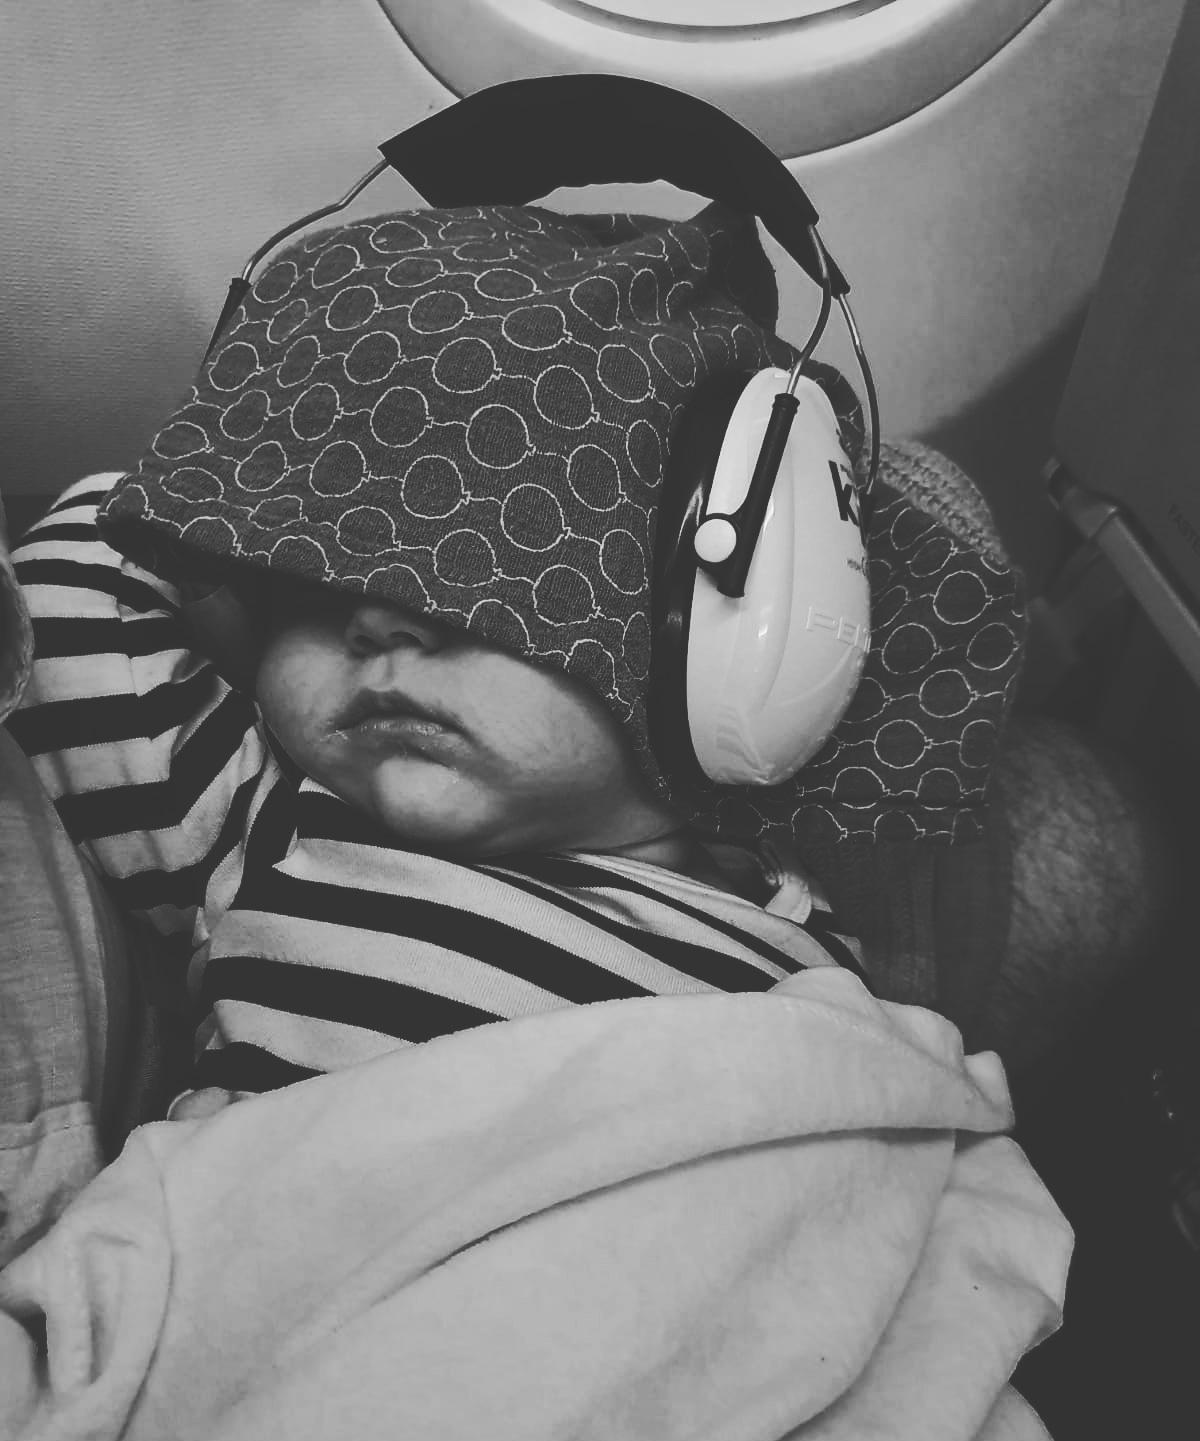 Vauvan kanssa matkustaminen – meidän lomakertomus ja konkreettiset vinkit